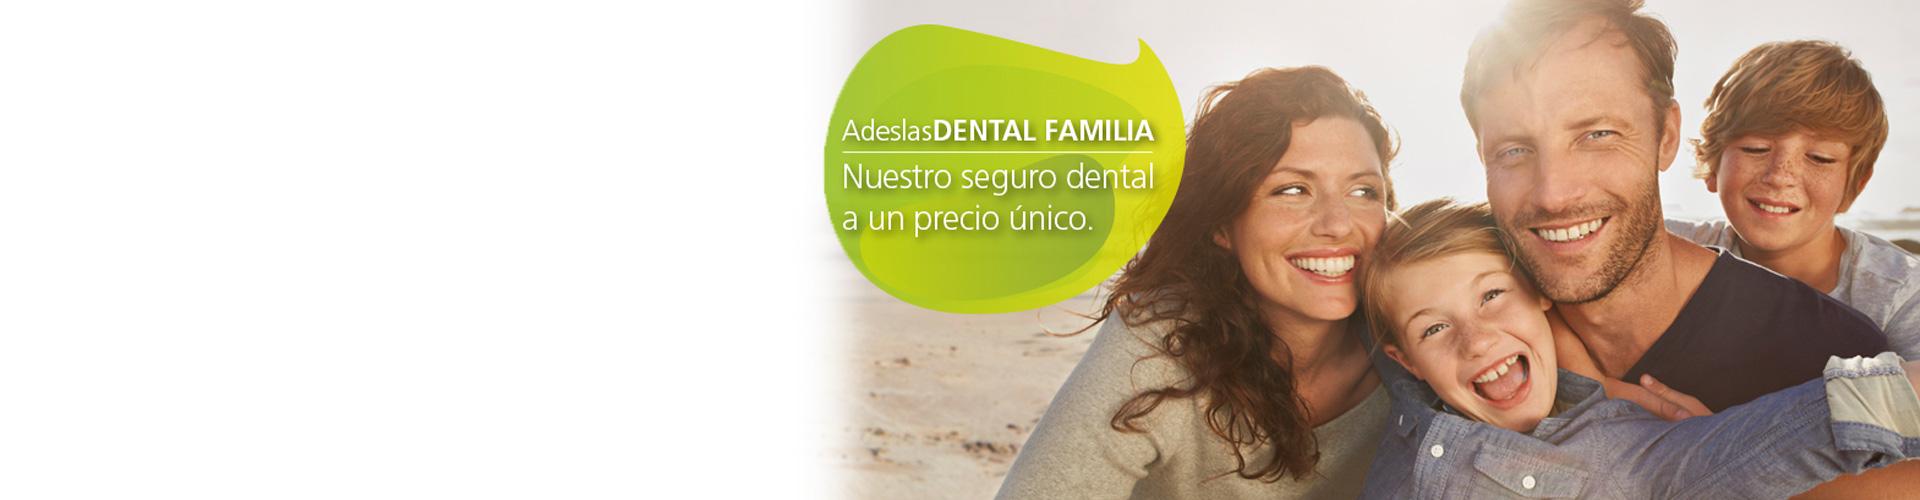 Adeslas : nuestro seguro dental a un precio único